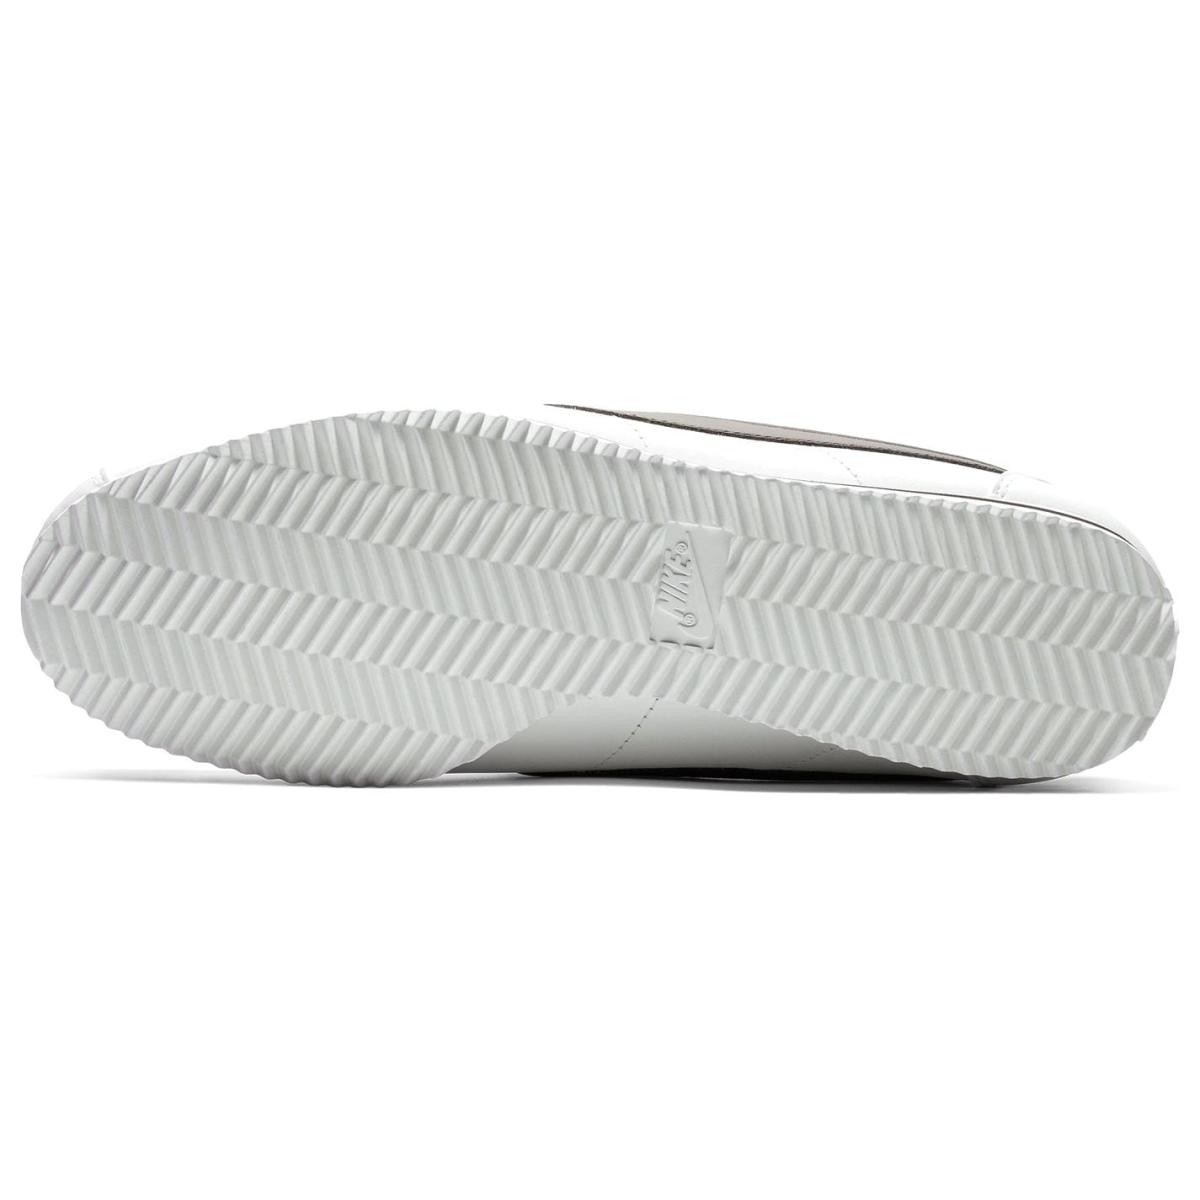 Nike-Classic-Cortez-Turnschuhe-Damen-Sneaker-Sportschuhe-Laufschuhe-4036 Indexbild 19